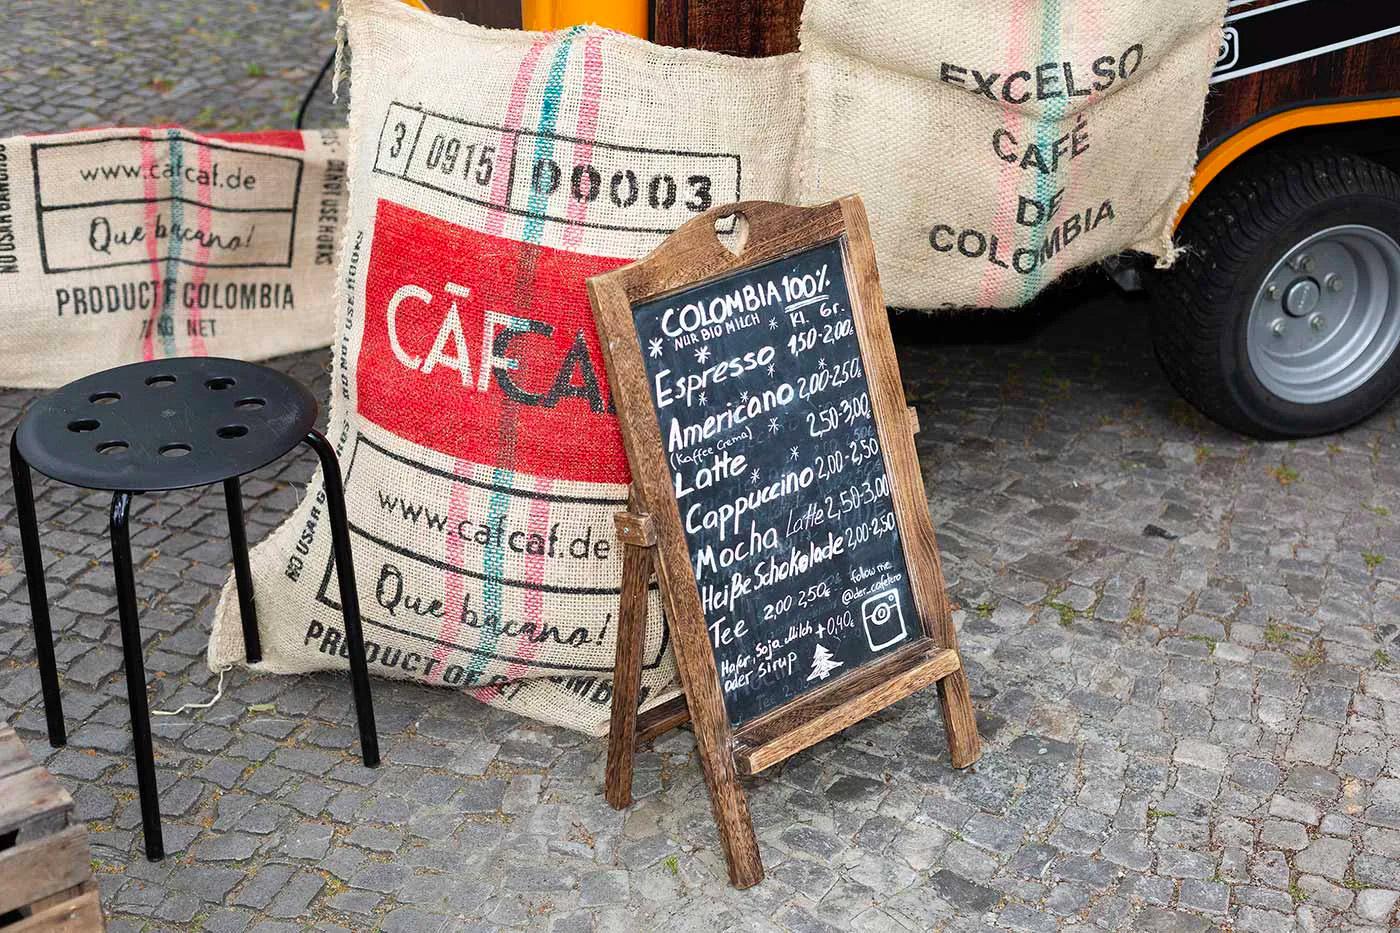 CafCaf Piaggio Kaffee APE mieten in Berlin und Brandenburg